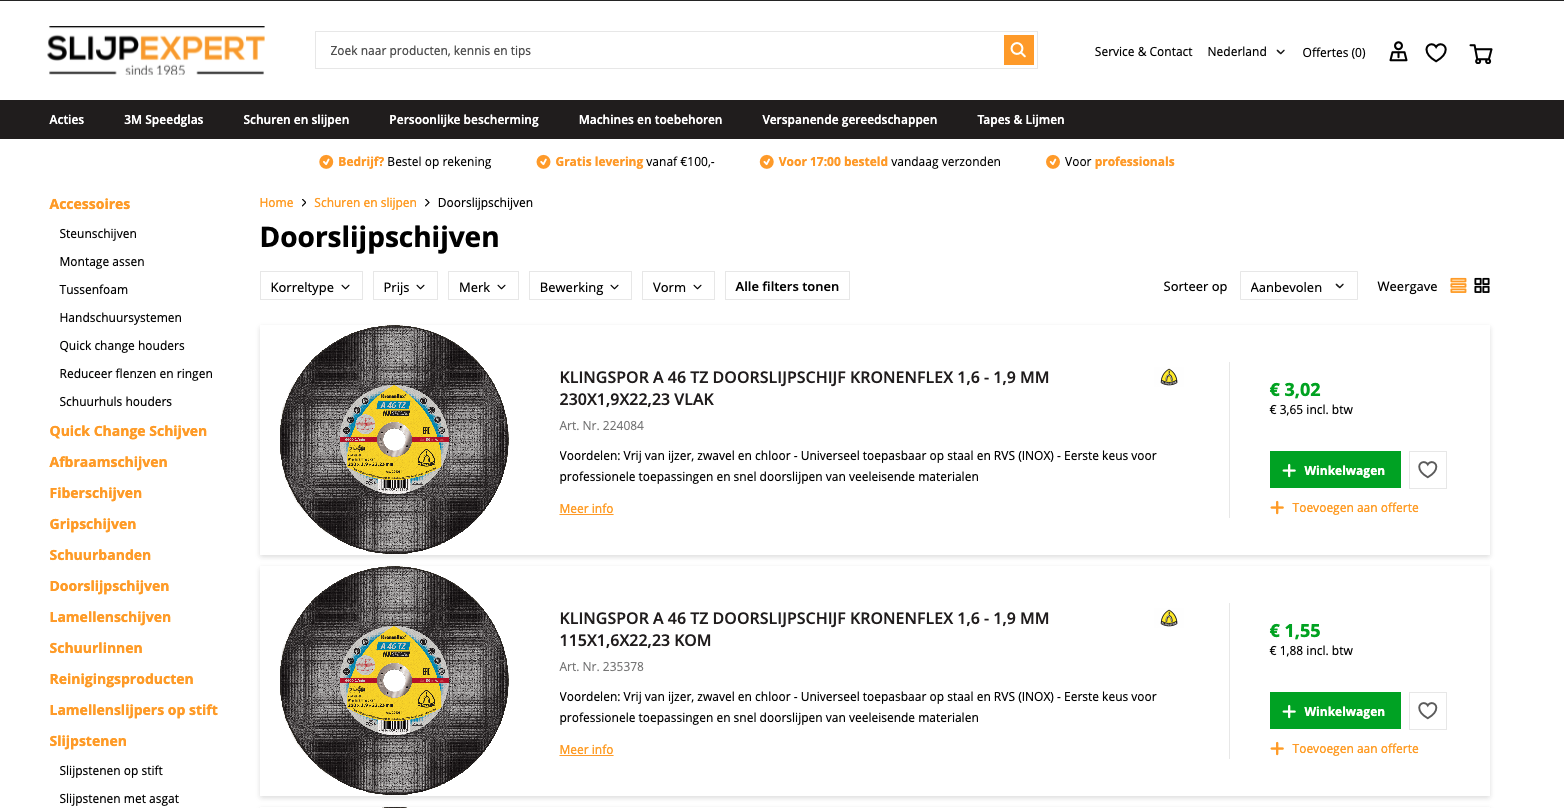 Slijpexpert - b2b webshop gemaakt door Jelba online b2b marketing